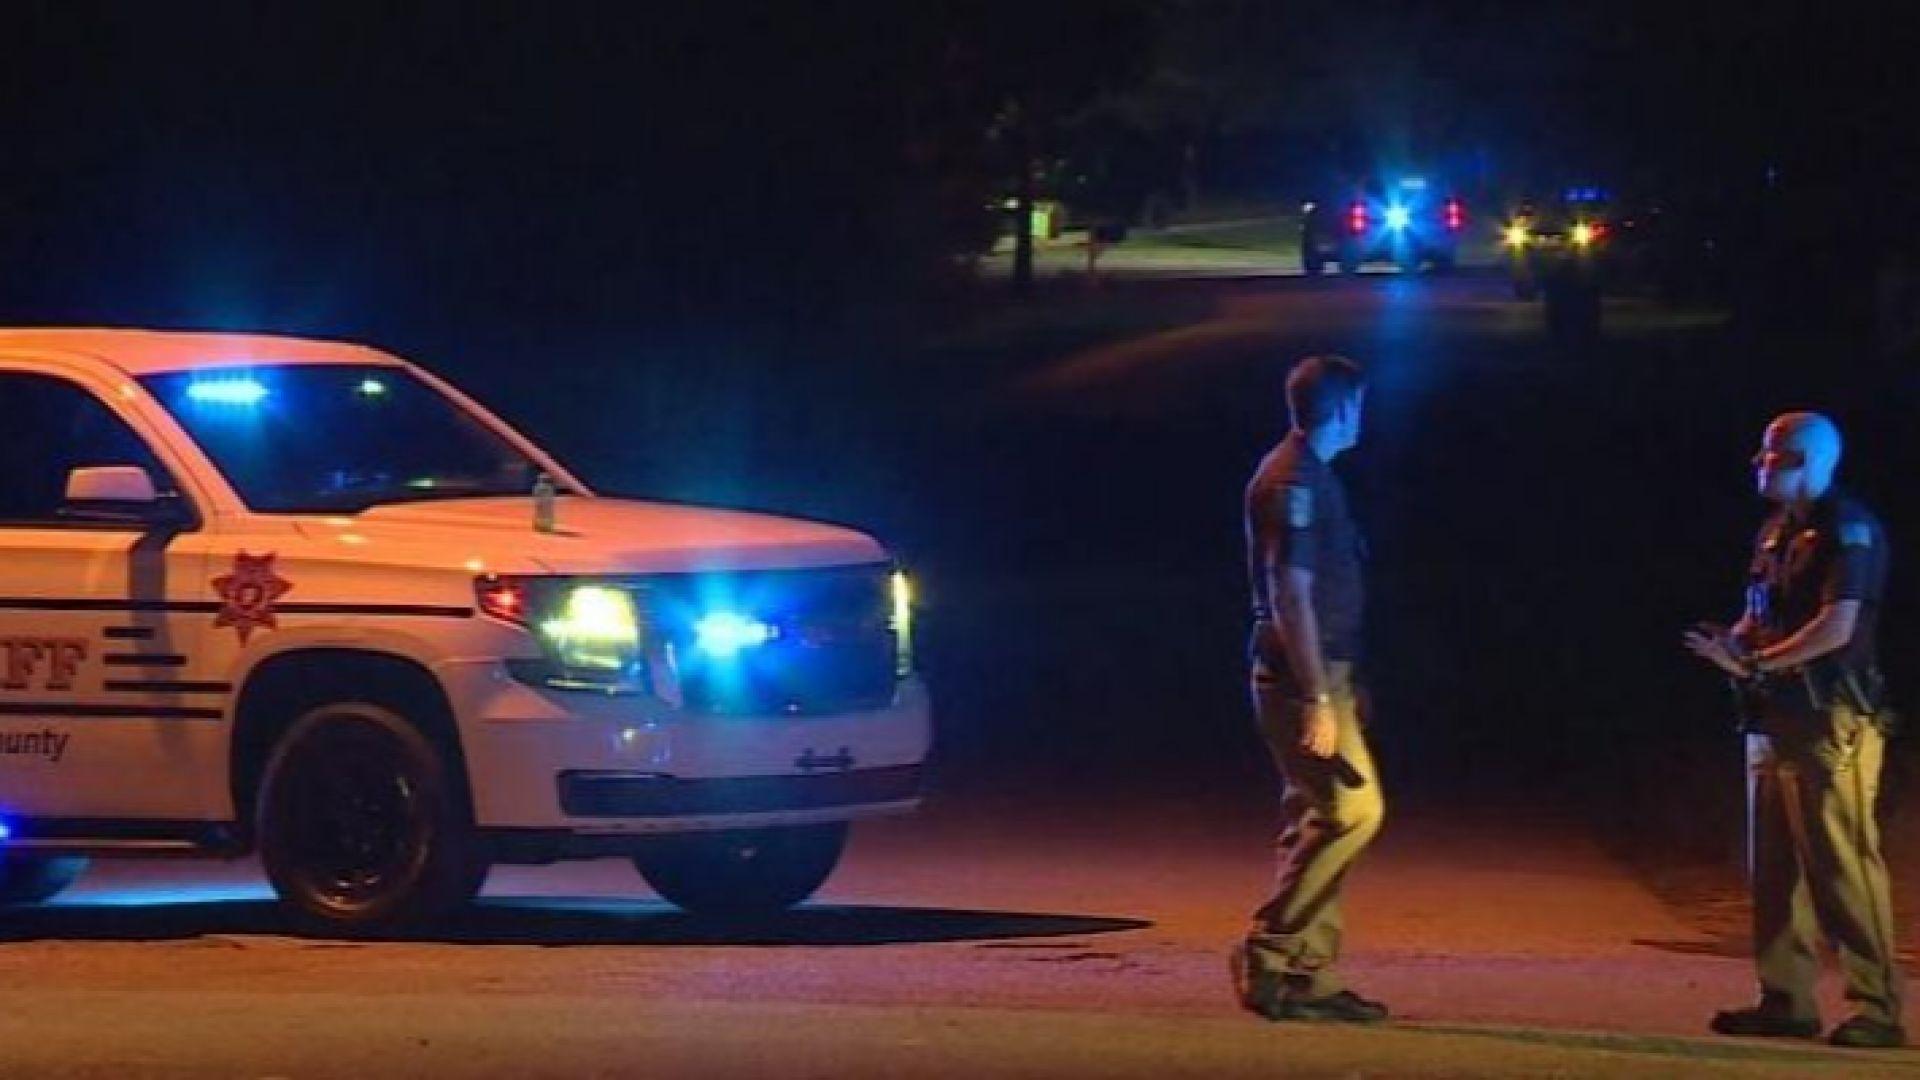 14-годишен застреля петима членове на семейството си в Алабама